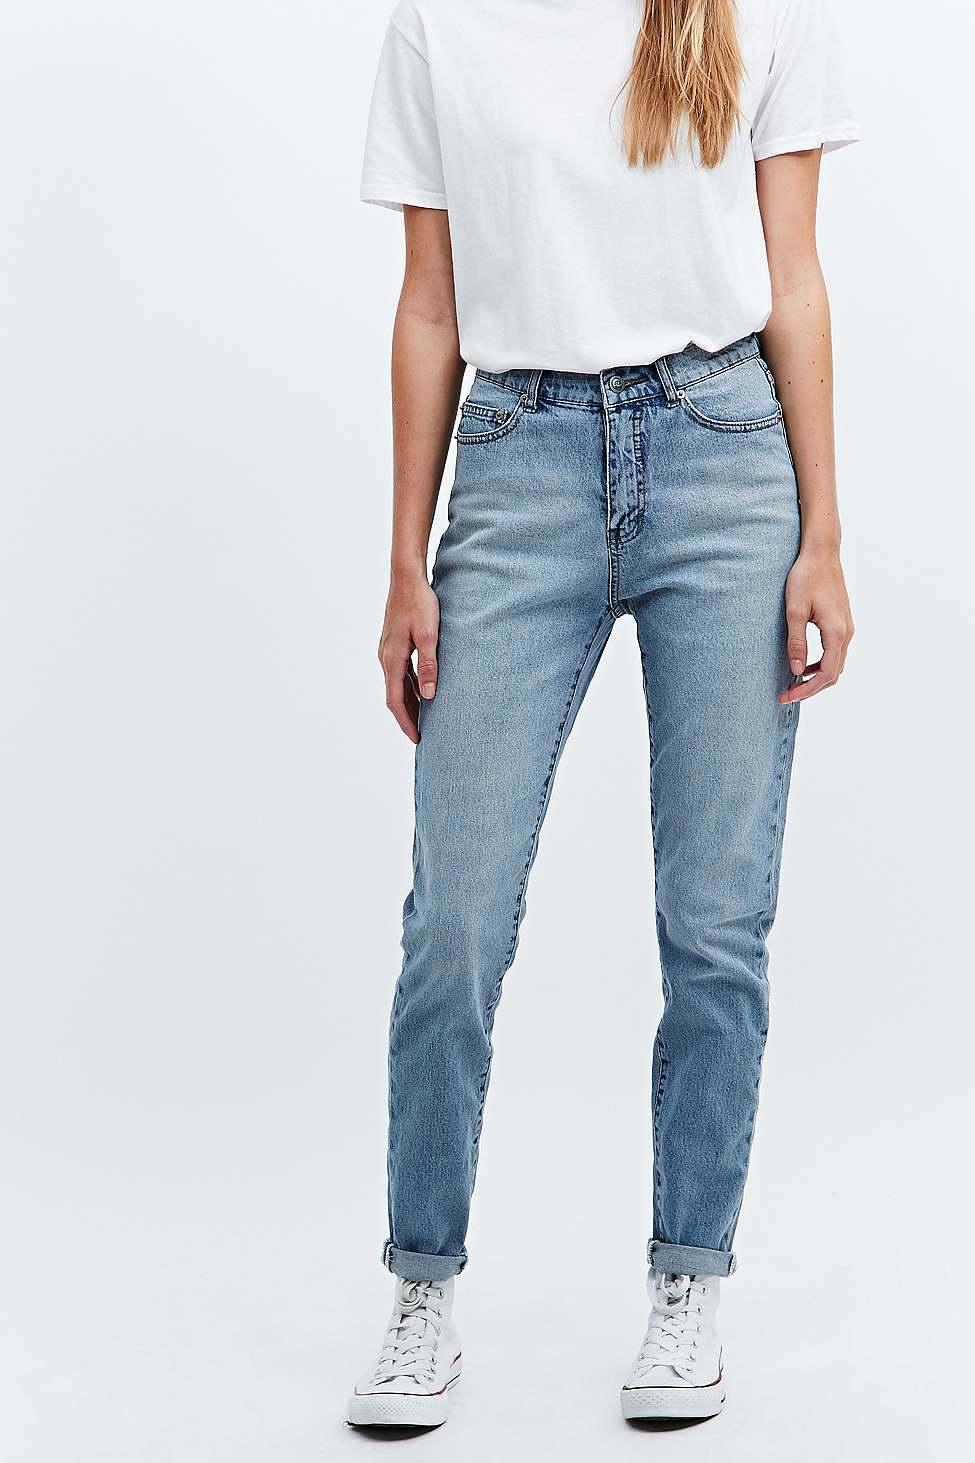 Cheap Monday - jeans (60€)